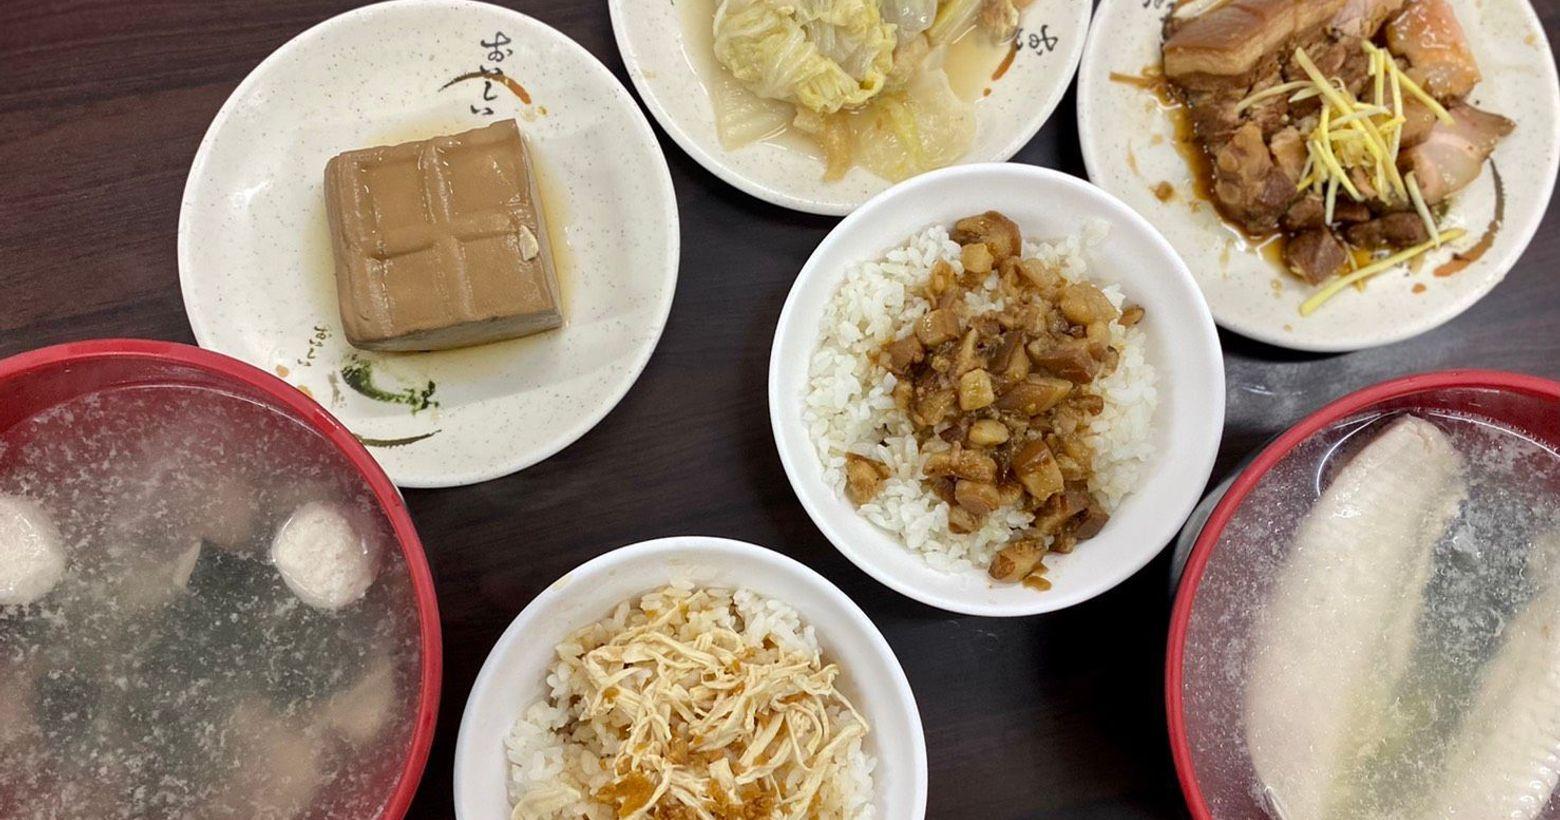 [林口|台南府城虱目魚專賣店] 日常,我們最喜歡的虱目魚肚魚皮湯位於林口華亞科園區裡面的「台南府城虱